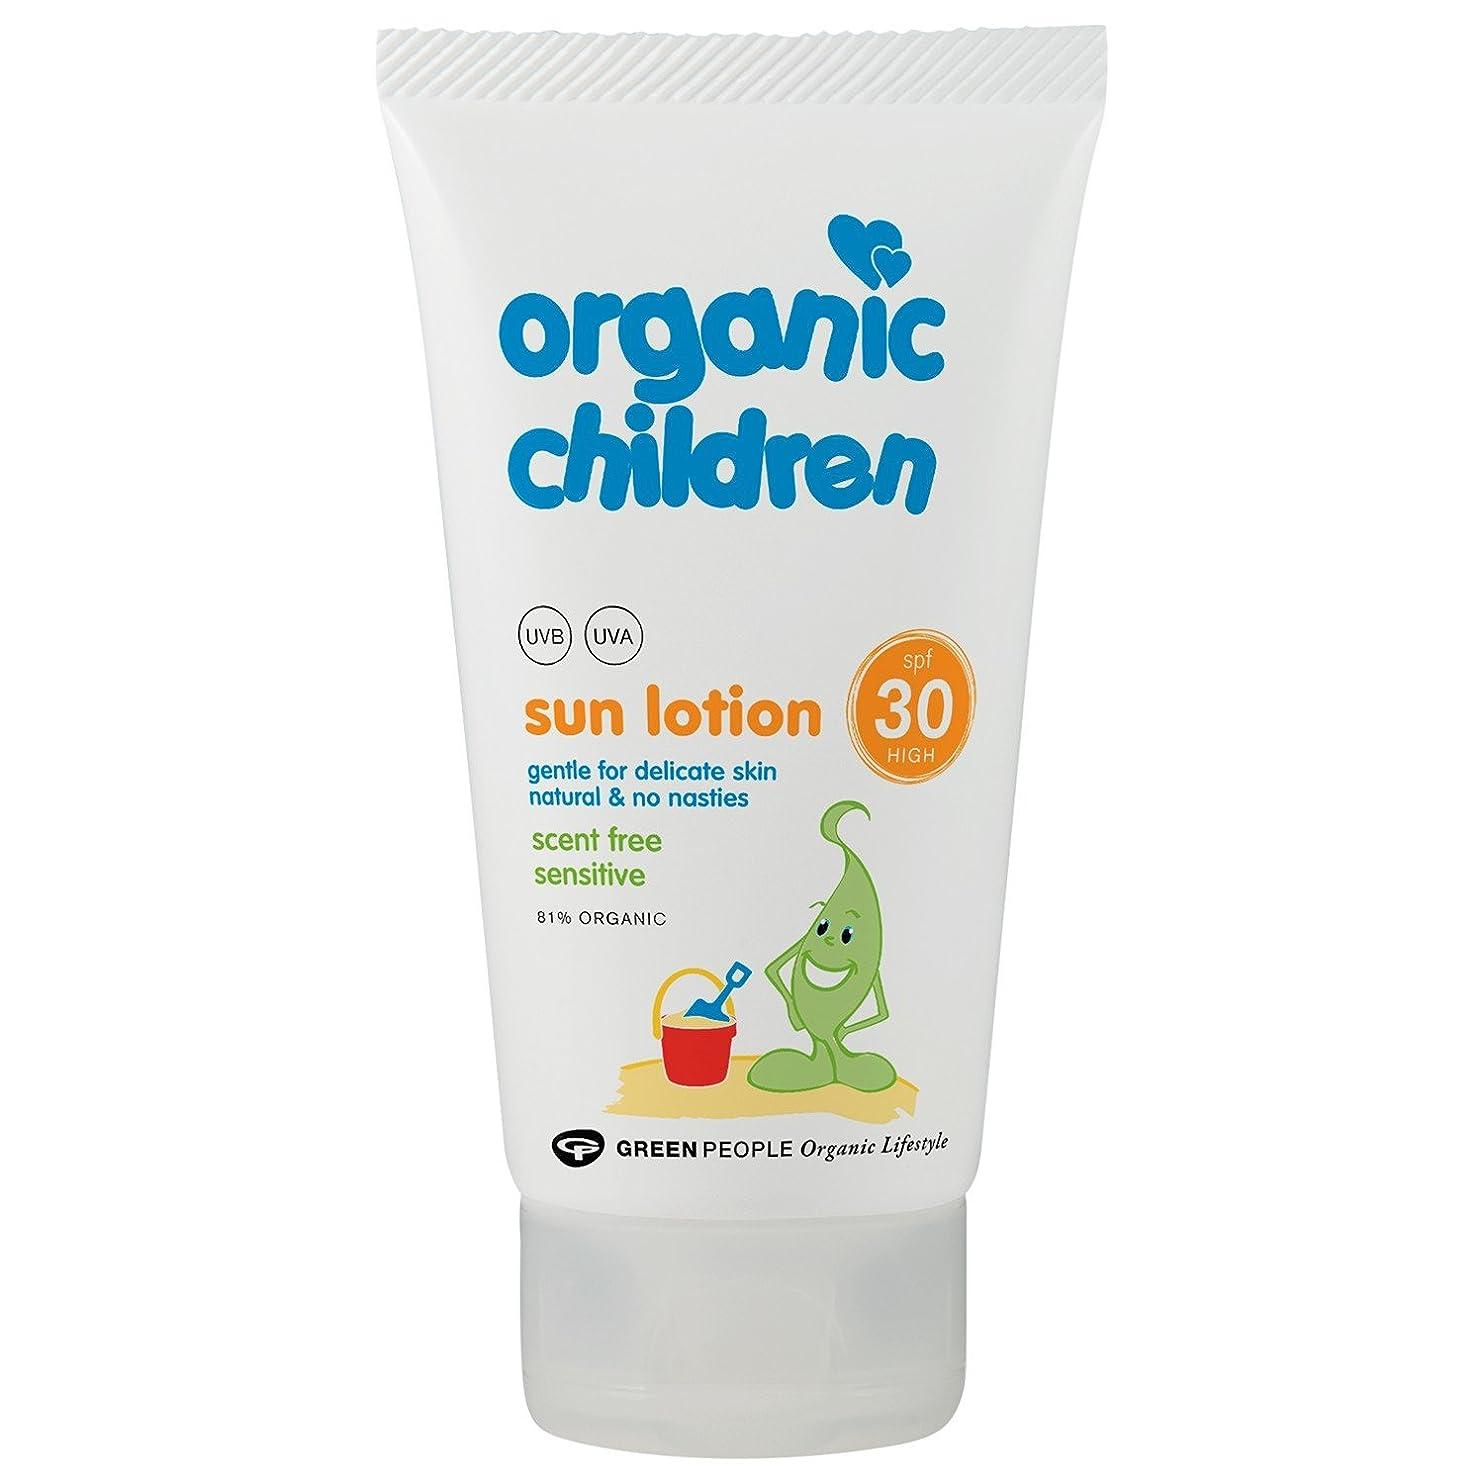 レンダー知覚できるにやにや有機子どもたちは30日のローション150グラムを x2 - Organic Children SPF 30 Sun Lotion 150g (Pack of 2) [並行輸入品]